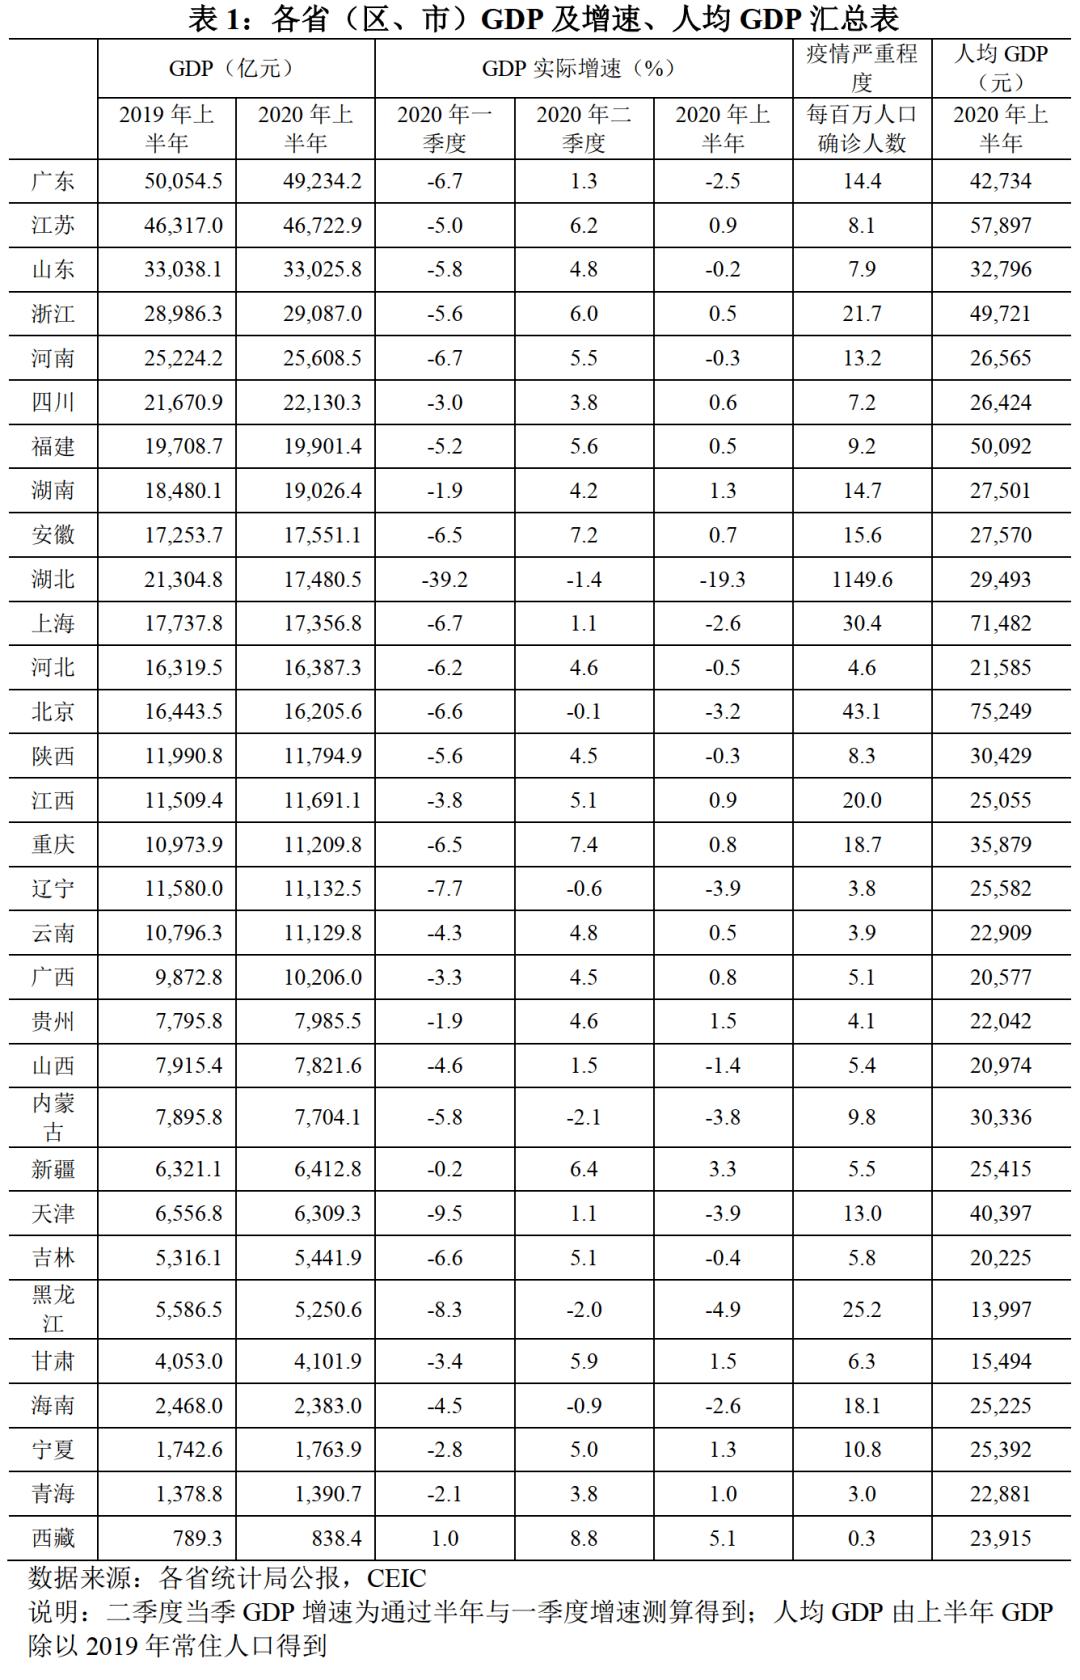 2020上半年gdp各省_2020gdp中国各省排名